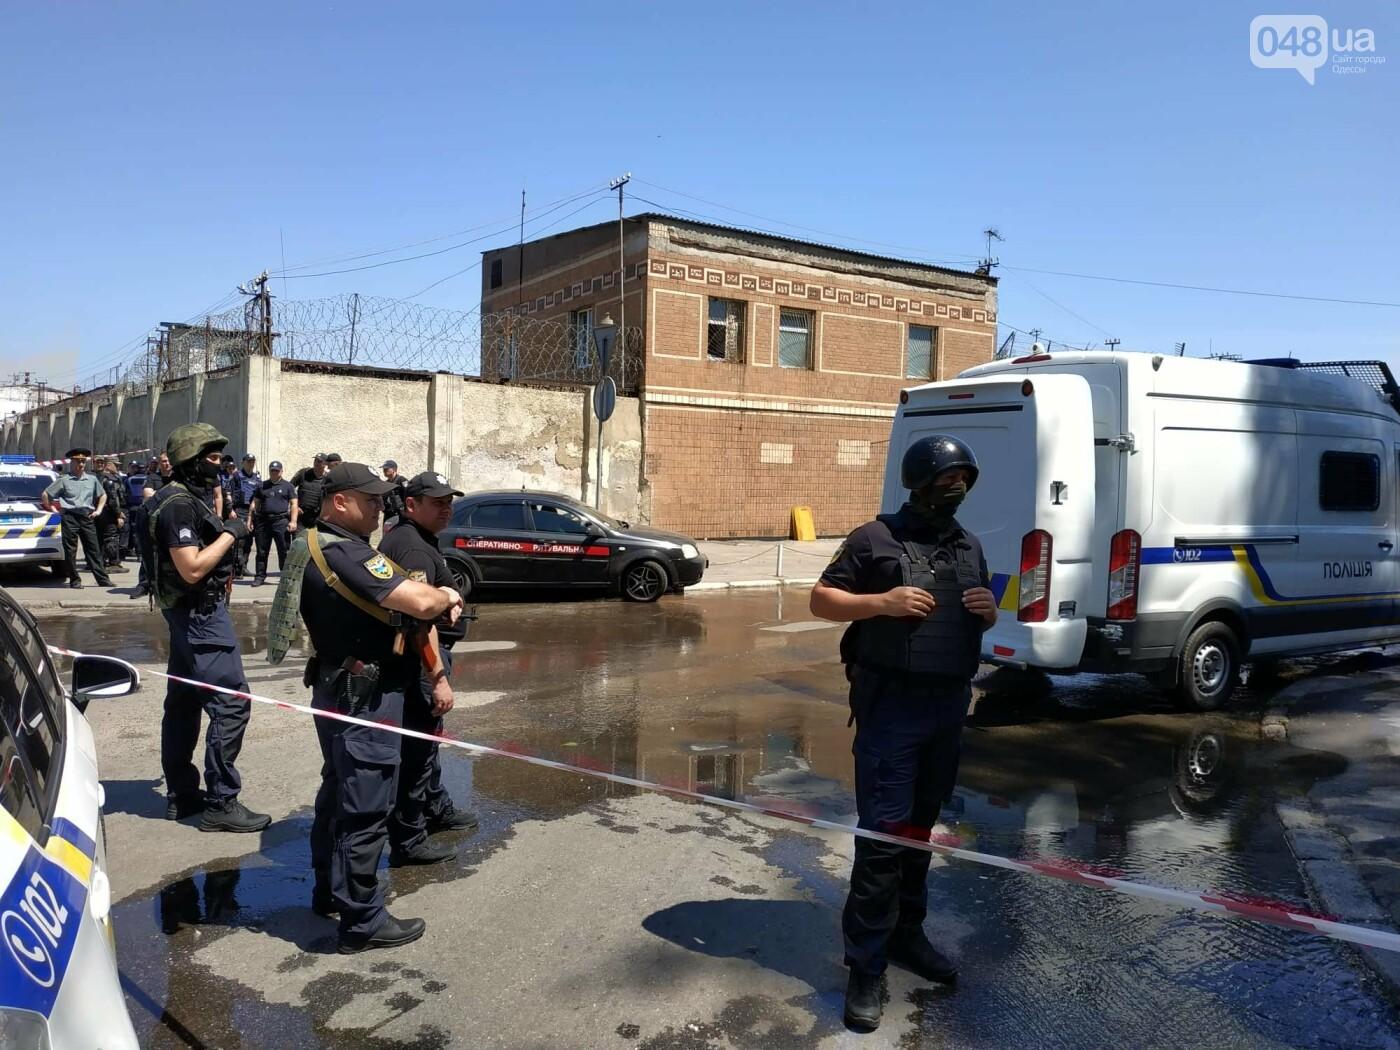 В одесской колонии горела машина, а не здание: ею пытались давить заключенных, - очевидец , фото-10